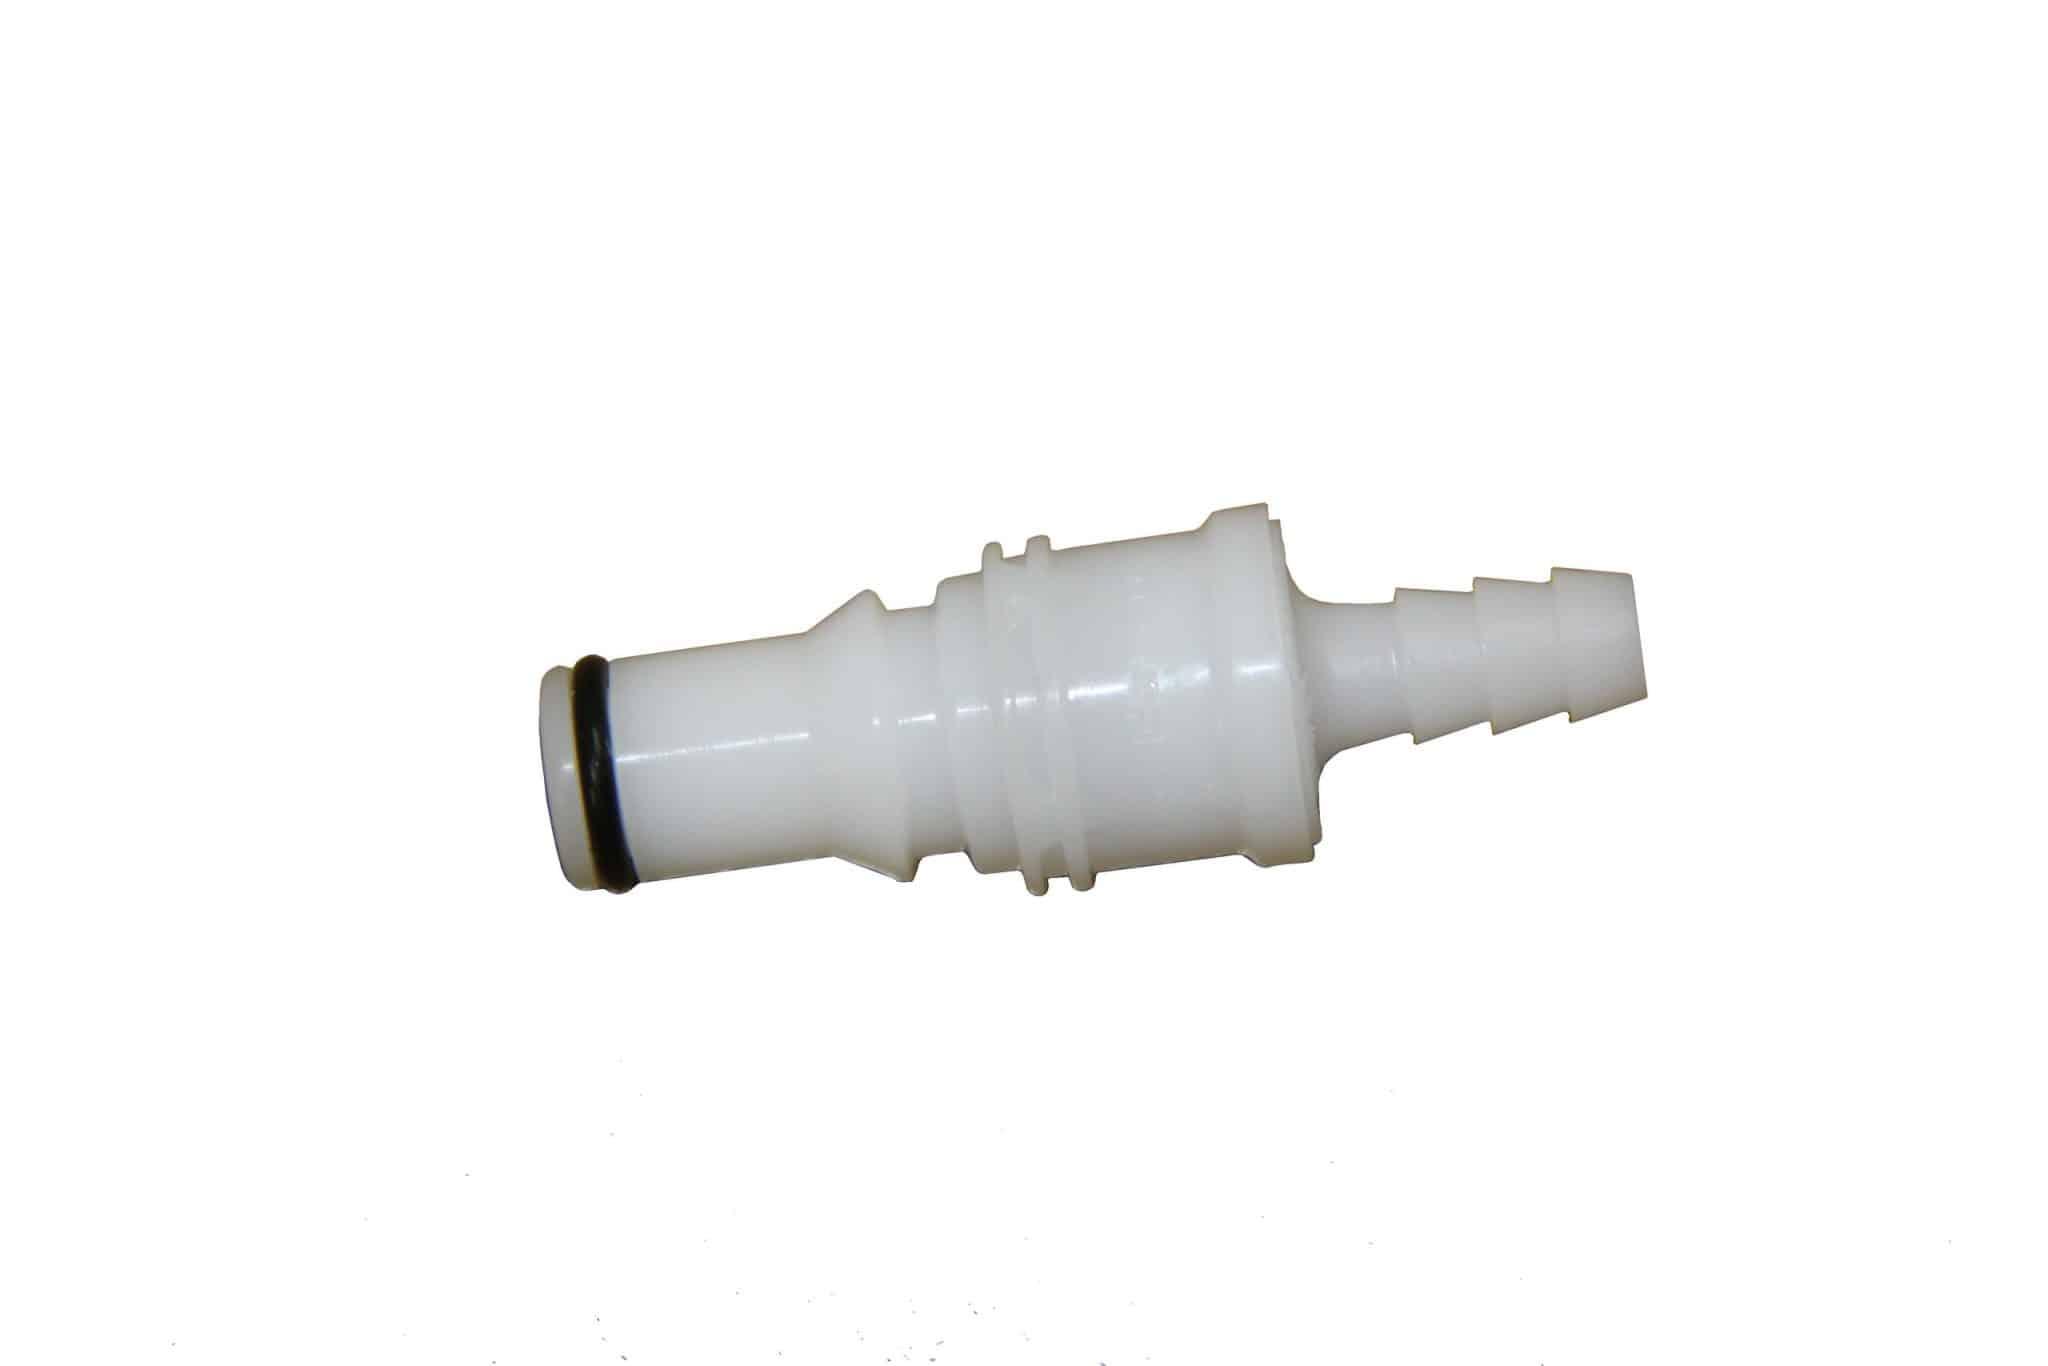 Pull Ring Male drybrake coupling